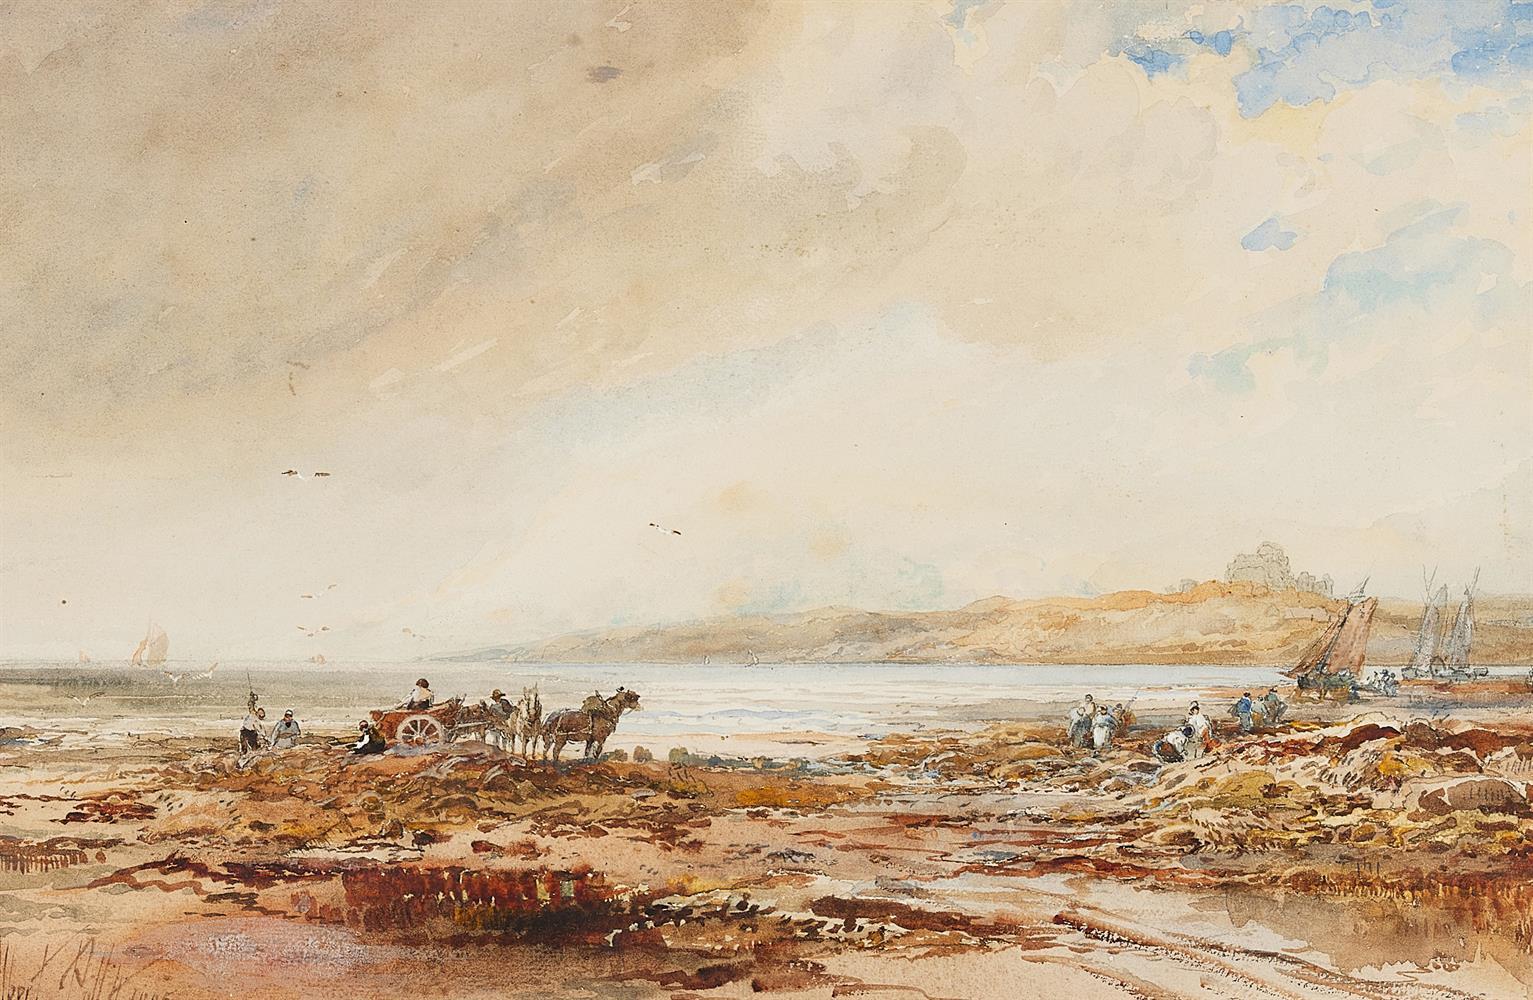 ALBERT POLLITT (BRITISH 1856-1926), KELP GATHERING - Image 2 of 2